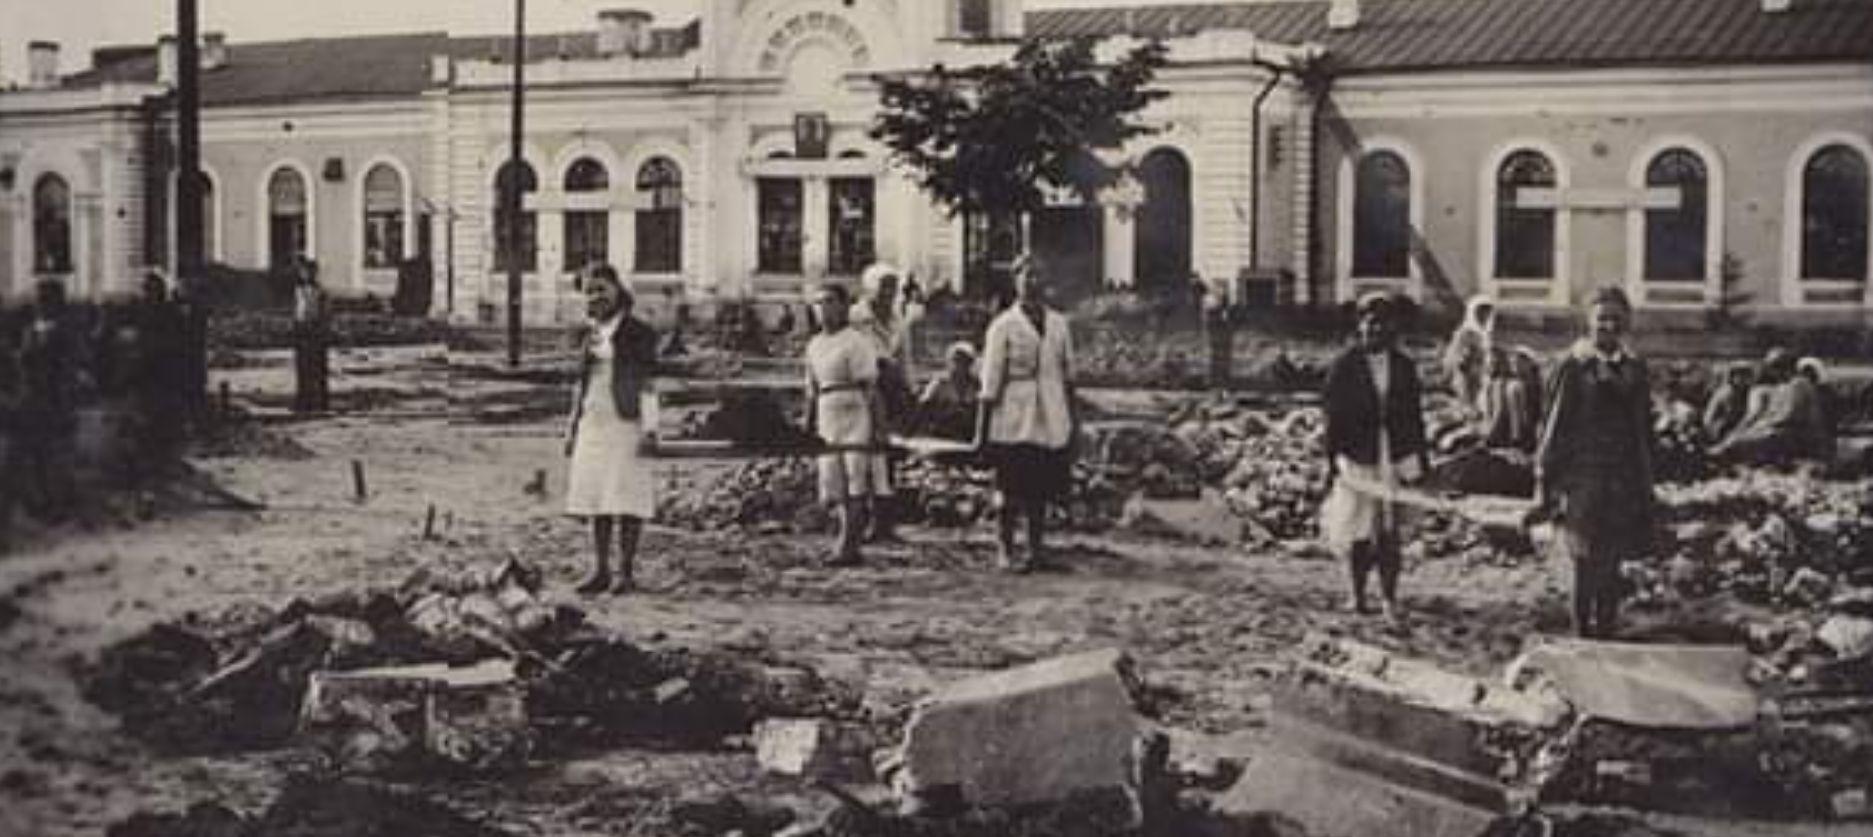 Роман Колесов рассказал о подвиге Прасковьи Леоновой, спасшей 65 детей